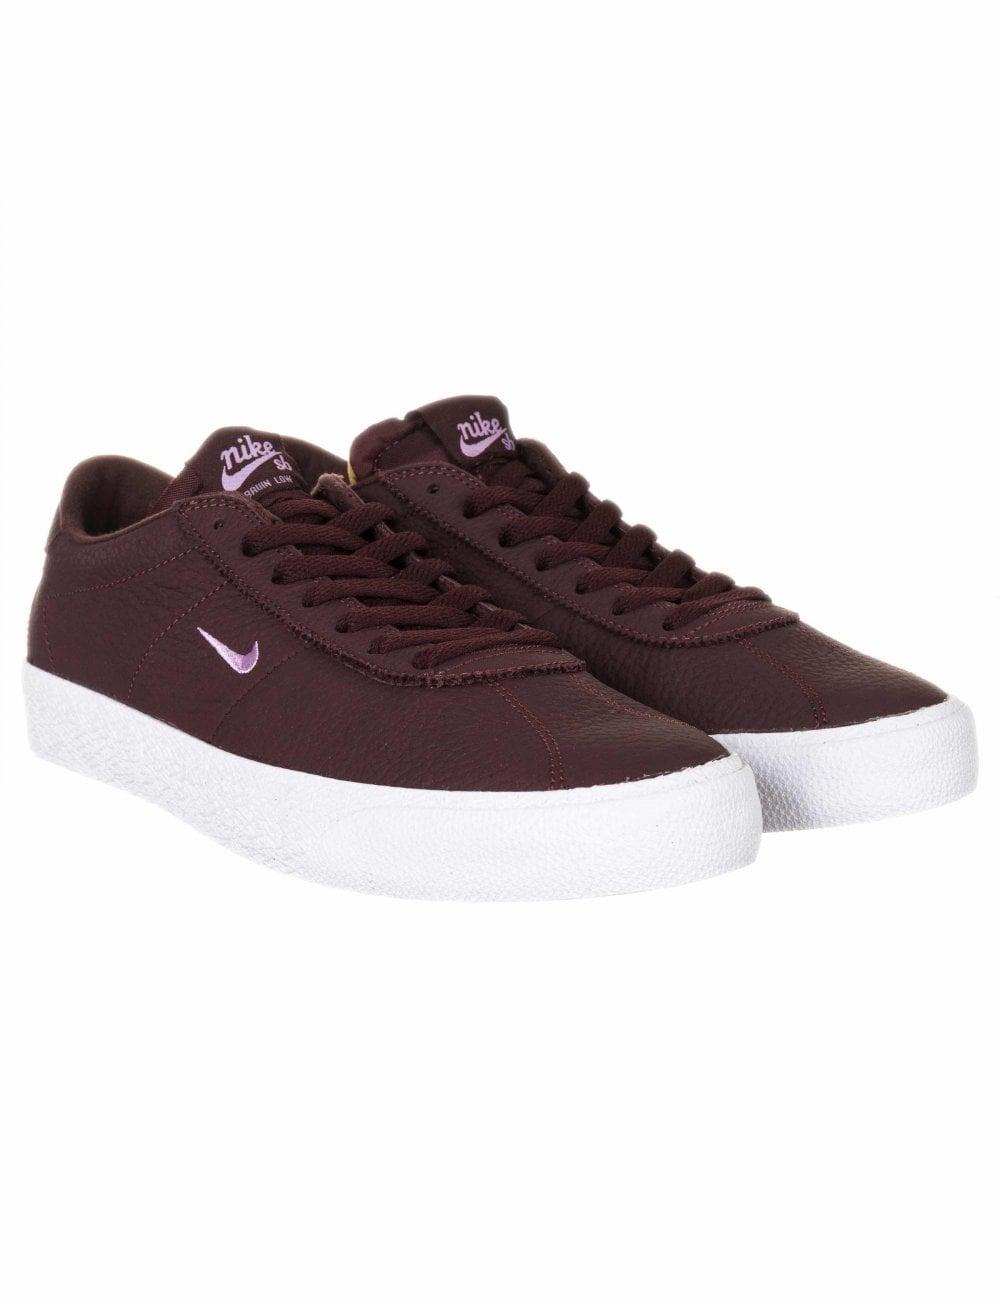 Nike SB Zoom Bruin Trainers - Mahogany